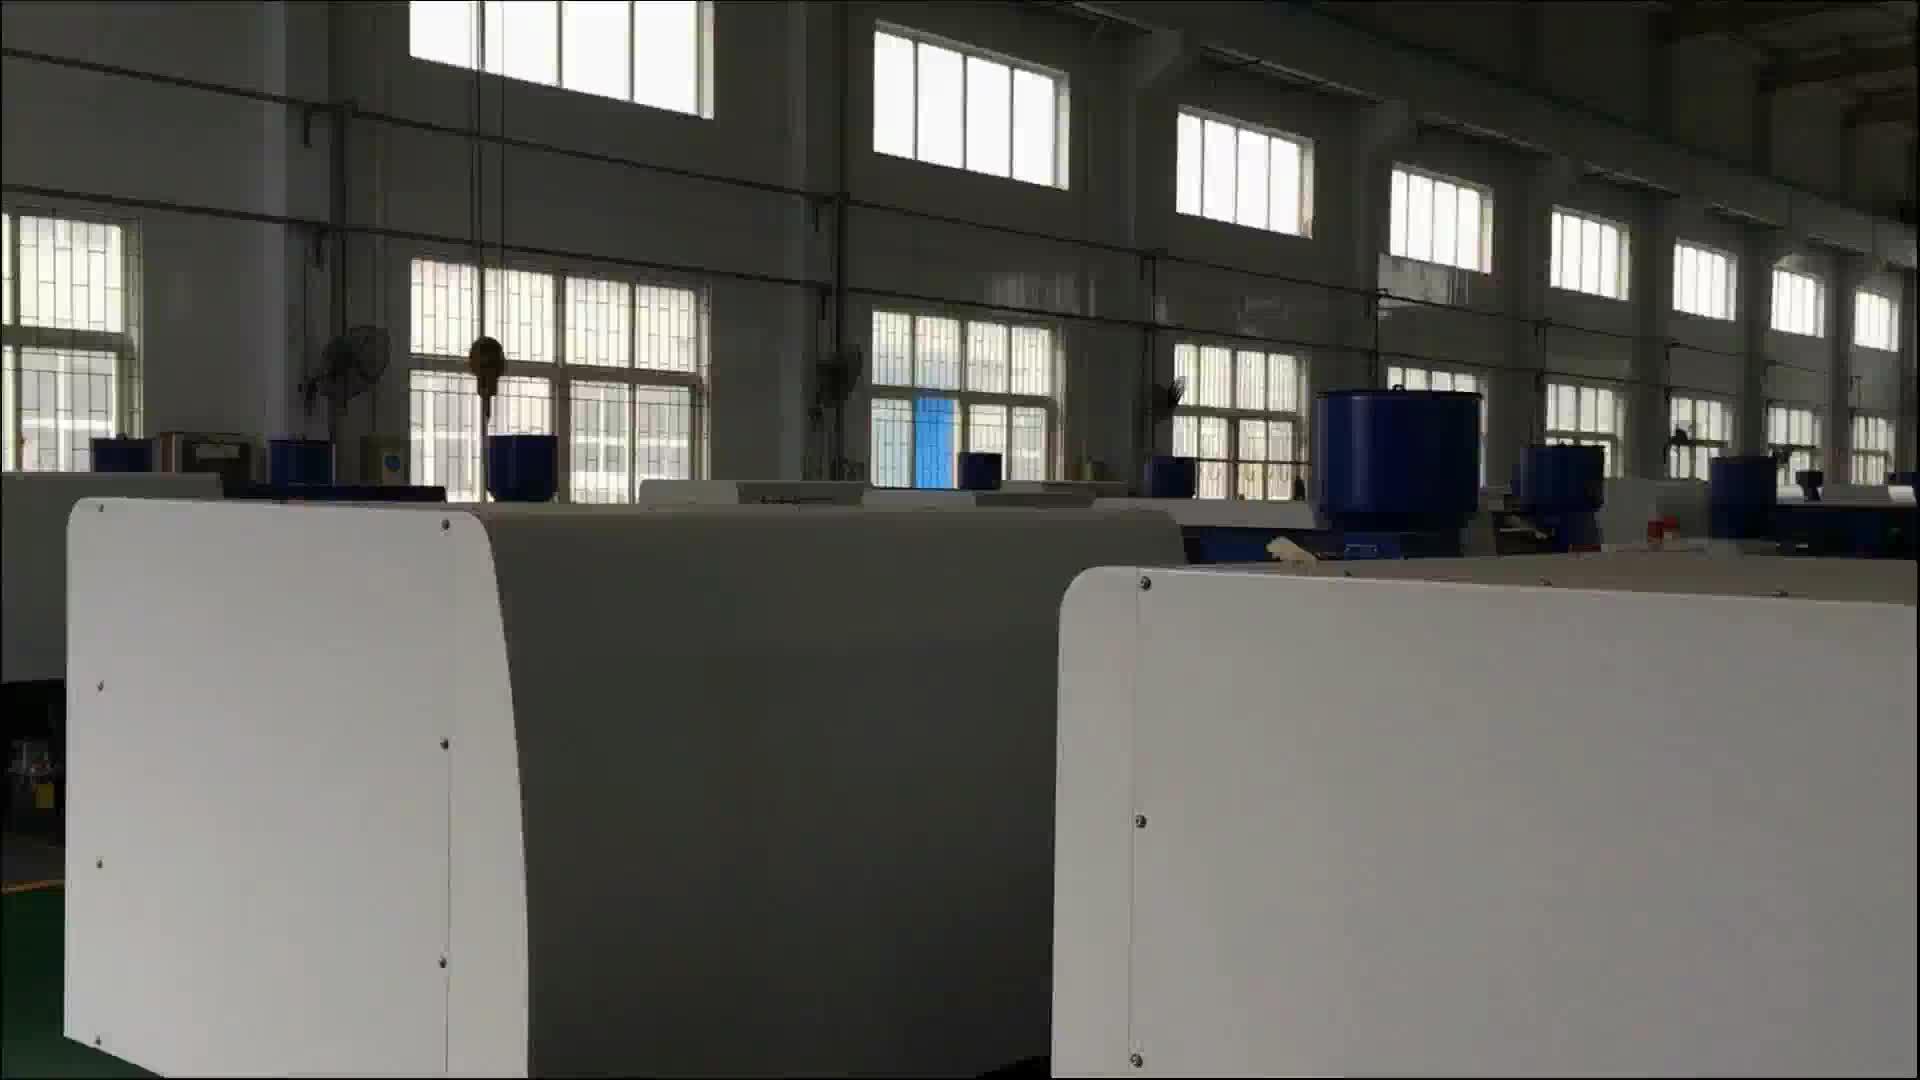 Weit verbreitete Hochgeschwindigkeitskinderzauberkunststoff-Spielzeug-Spritzgießmaschine